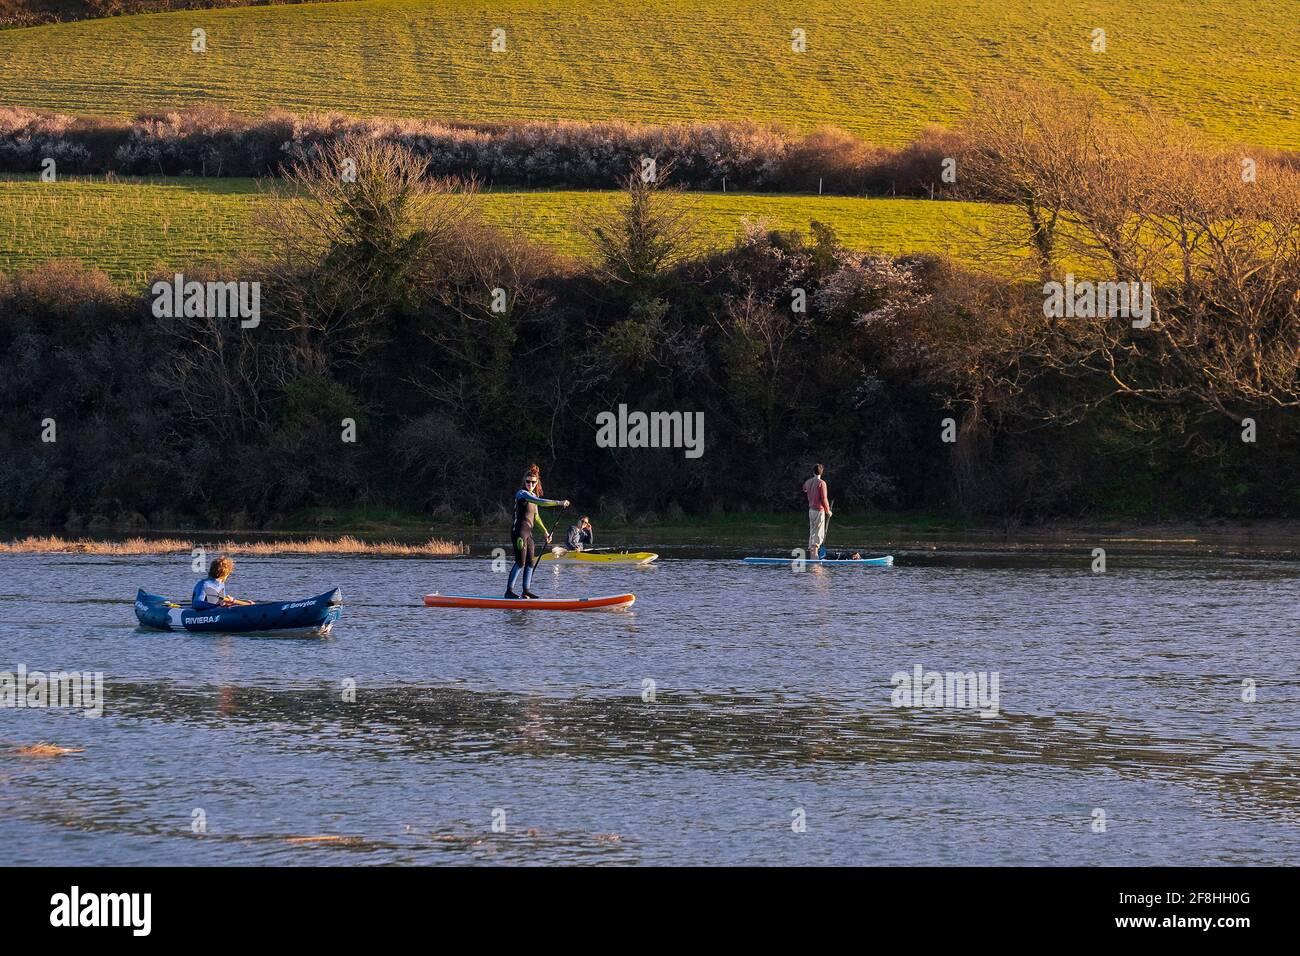 Les gens pagayent sur la rivière Gannel dans des kayaks et sur des pagayboards Stand Up à Newquay, en Cornouailles. Banque D'Images